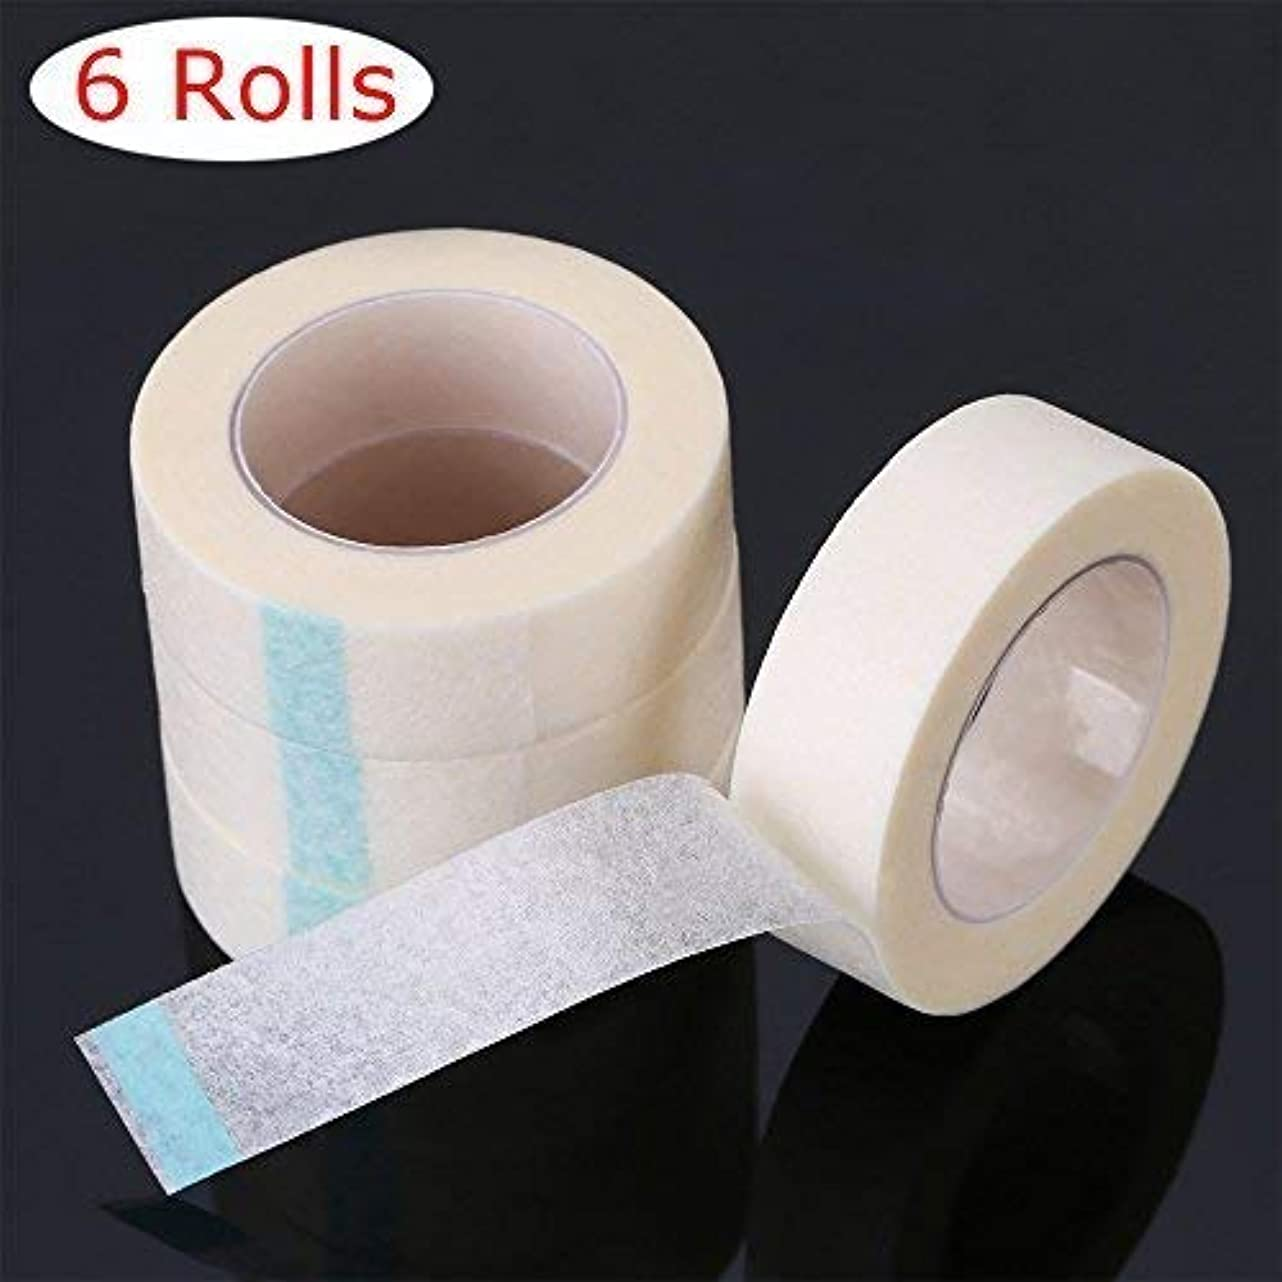 バンドプレゼントルネッサンスATOMUS 6個 まつげテープ, まつげエクステ 下まつげ 保護テープ, 医療用テープまつげ拡張子, 低刺激 まつげエクステテープ